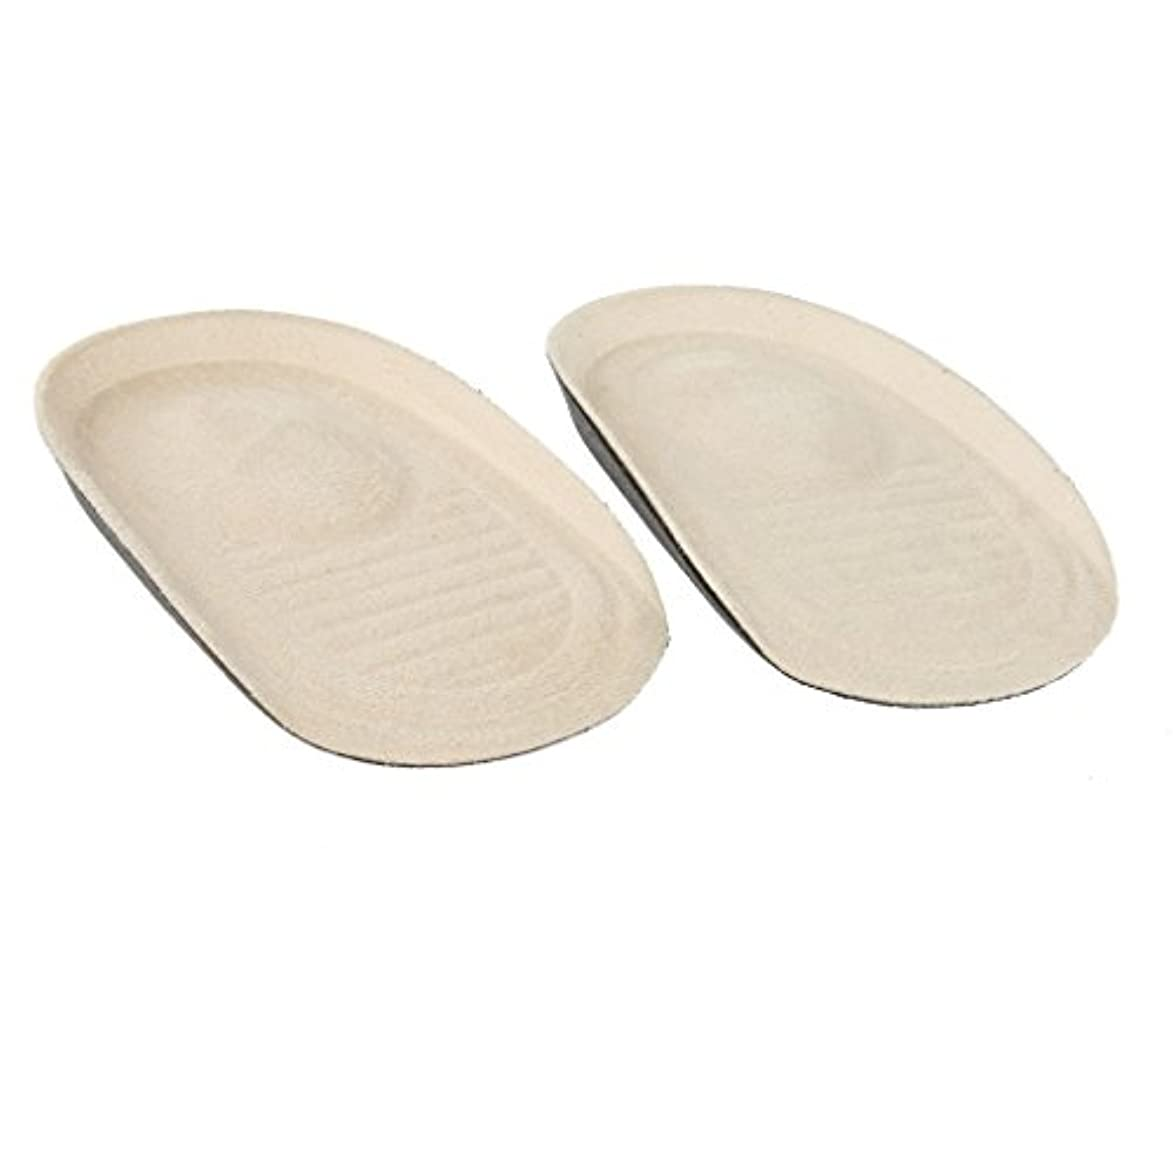 偏心経由でなめらかなアンチスリップヒールクッションは、インソールブーツ?靴インサートパッドスポンジ